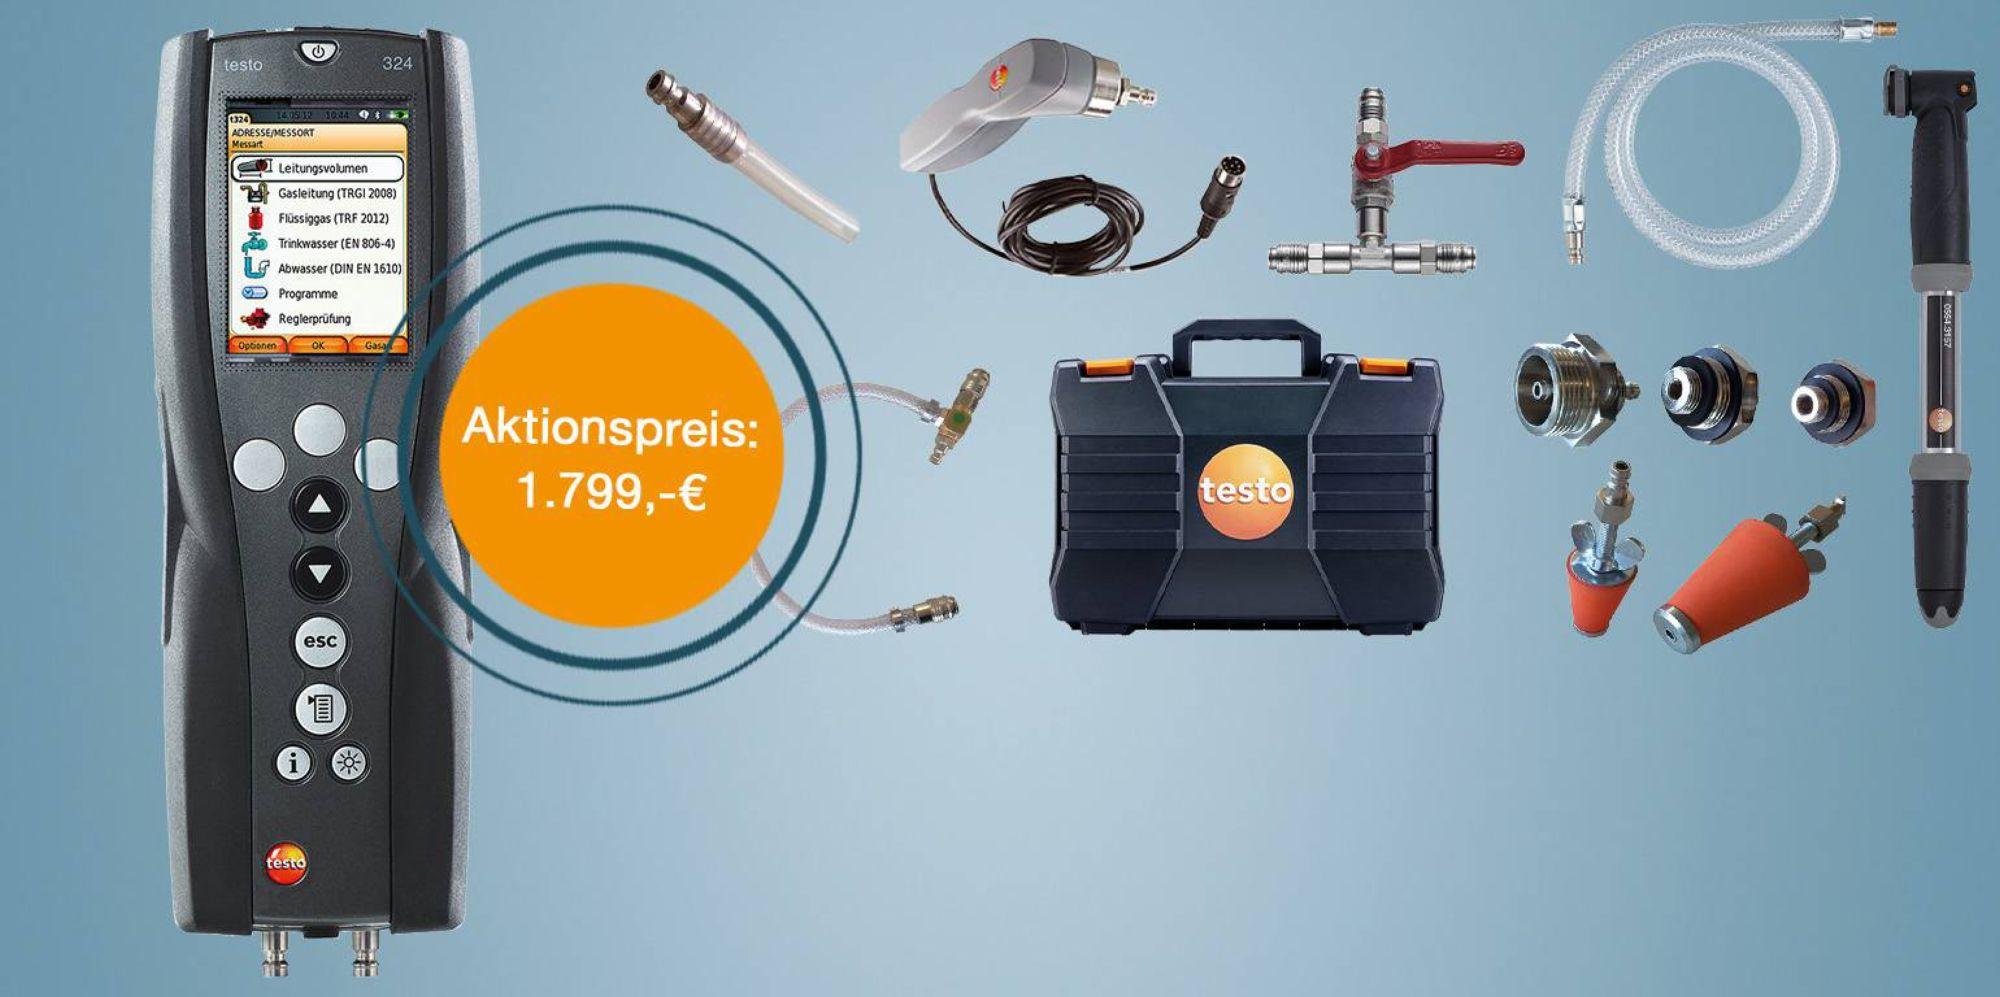 testo 324 - Gas- und Wasser-Set